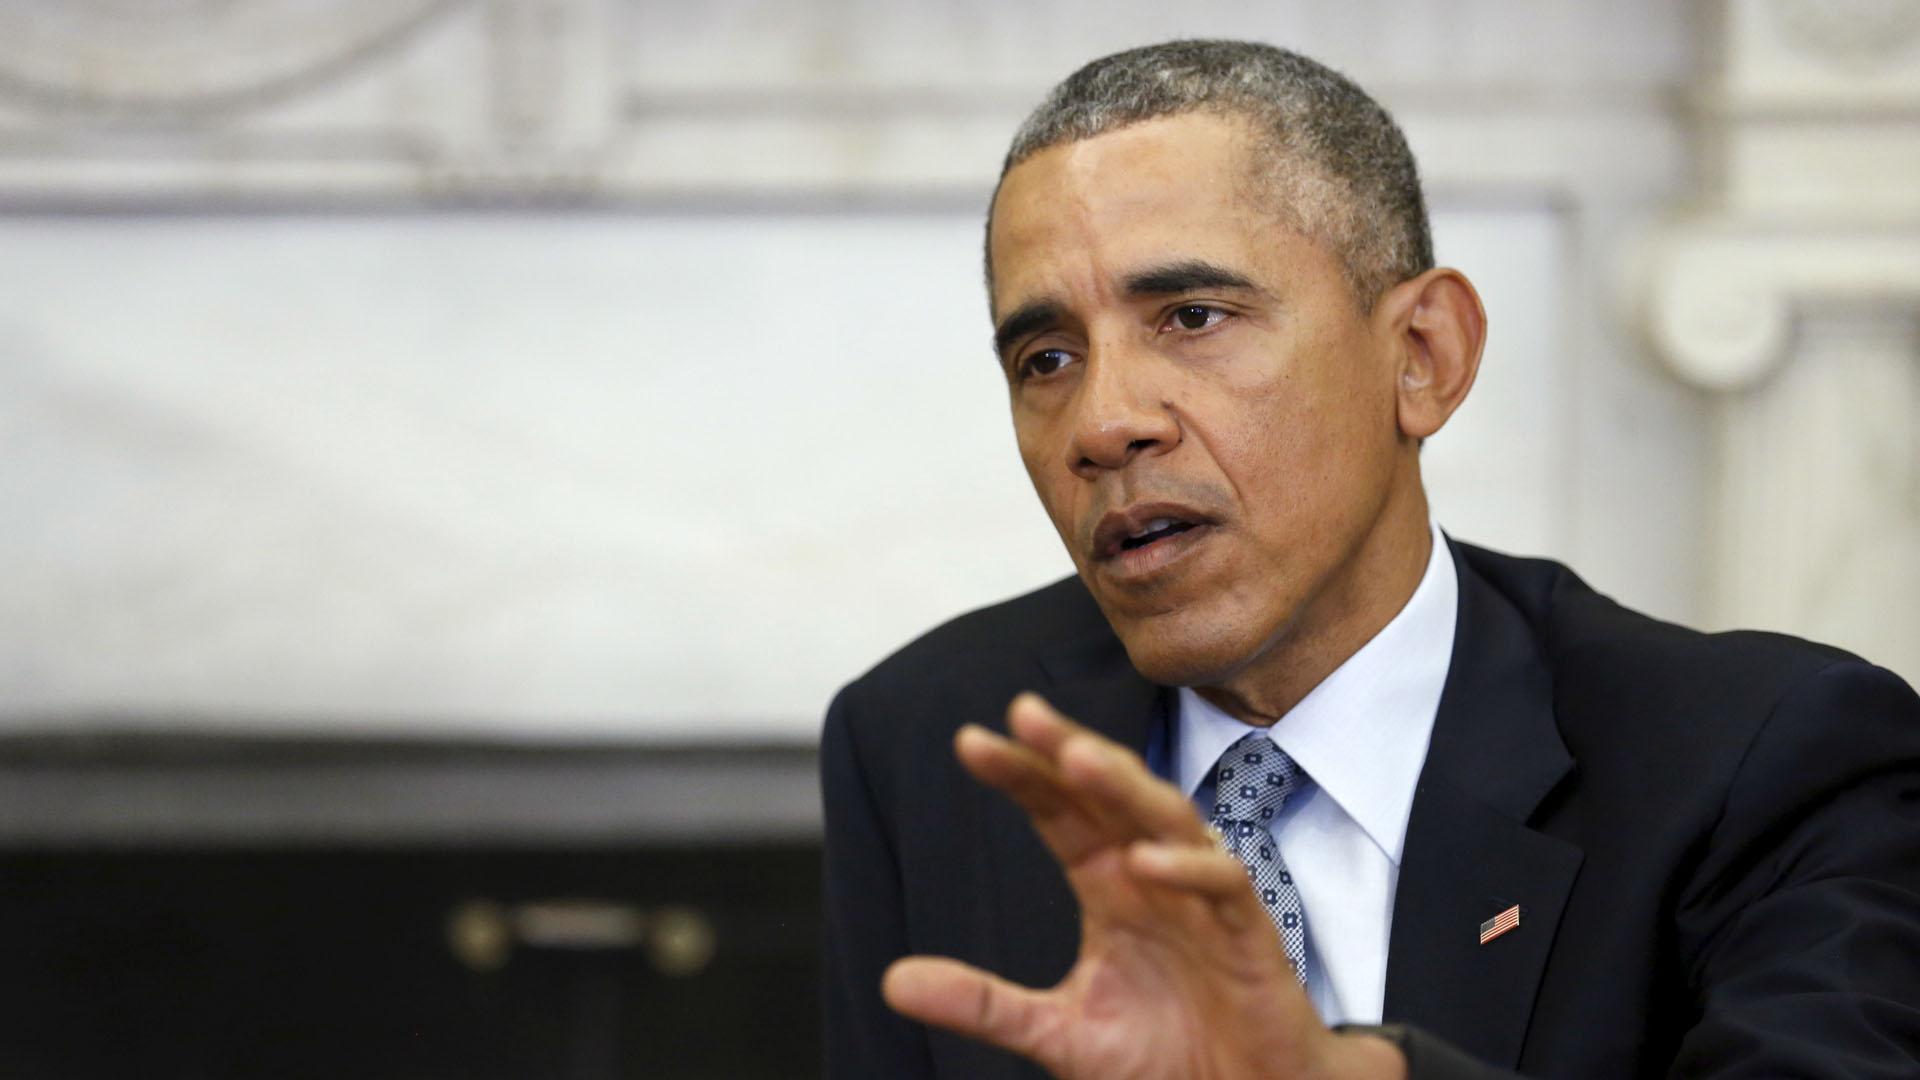 Obama y Erdogan conversaron sobre cómo expulsar a los extremistas de la frontera turca-siria